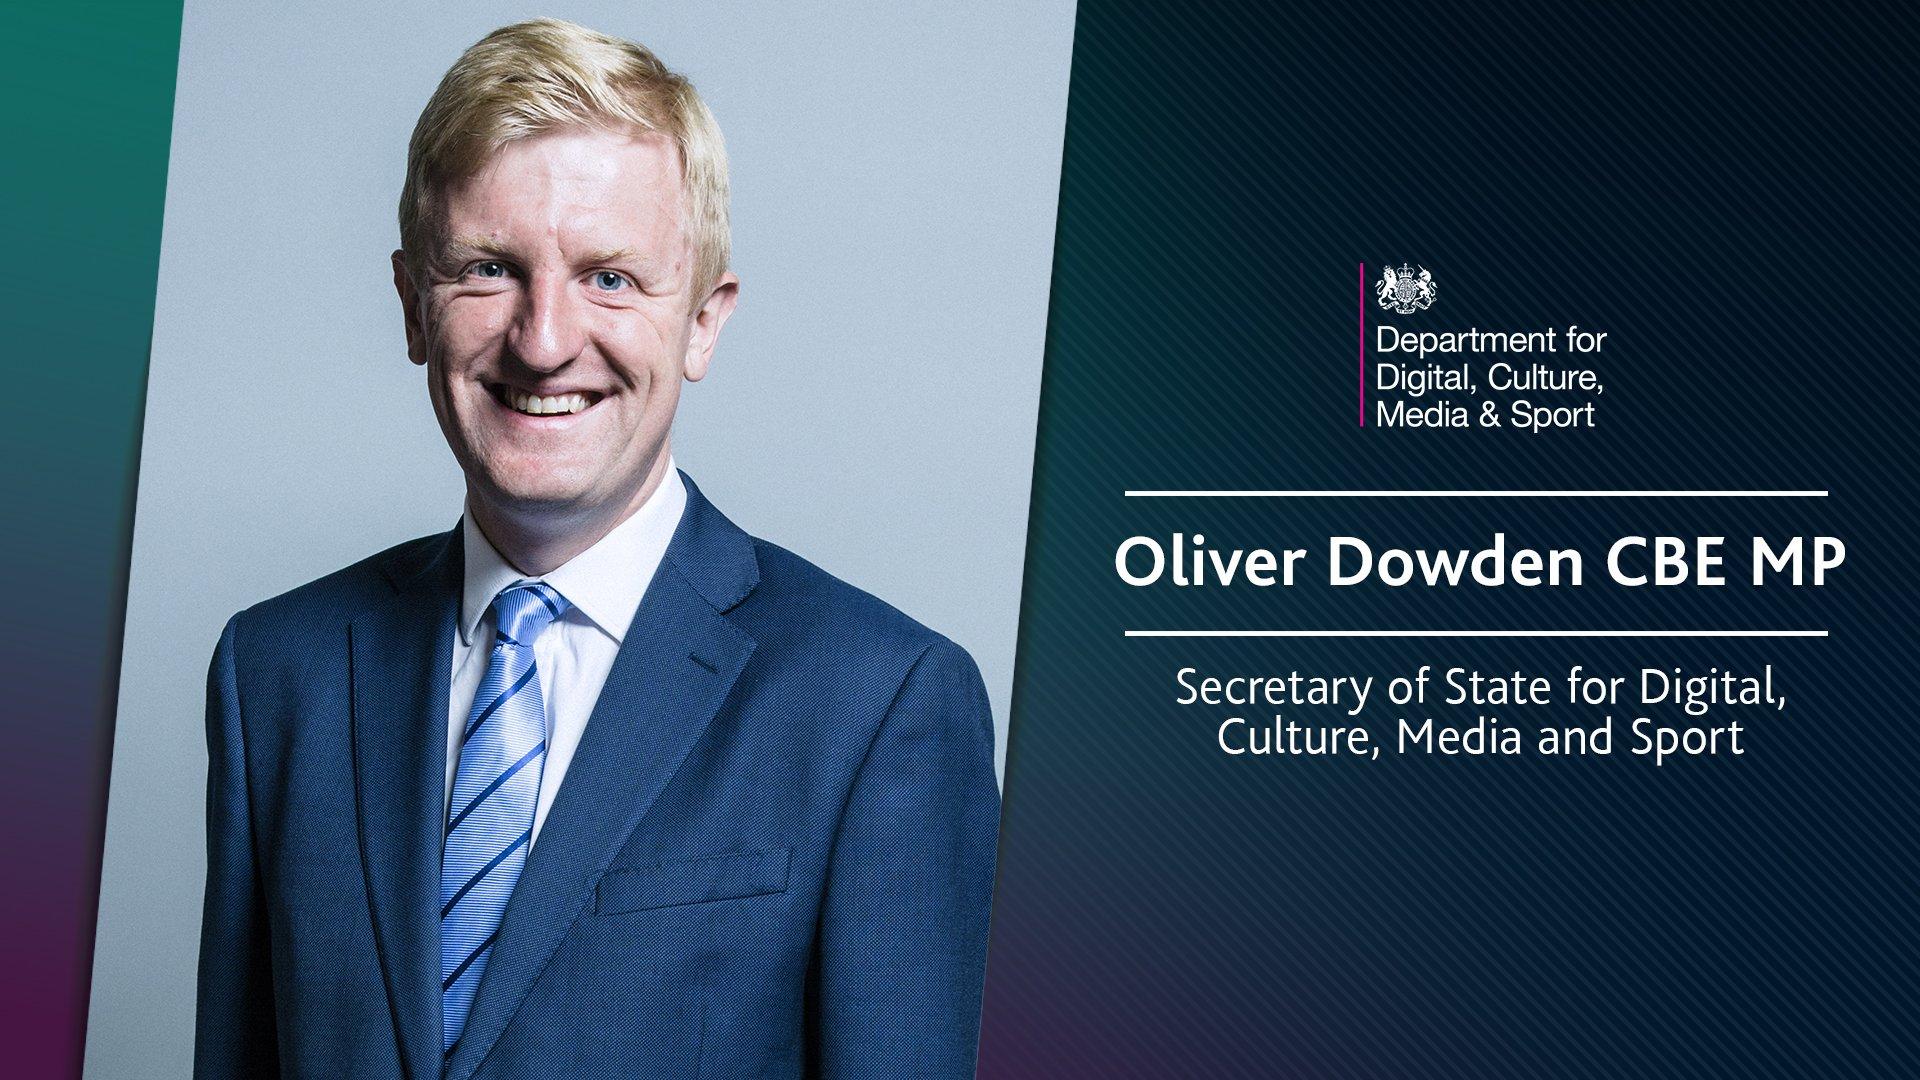 Oliver Dowden, Culture Secretary